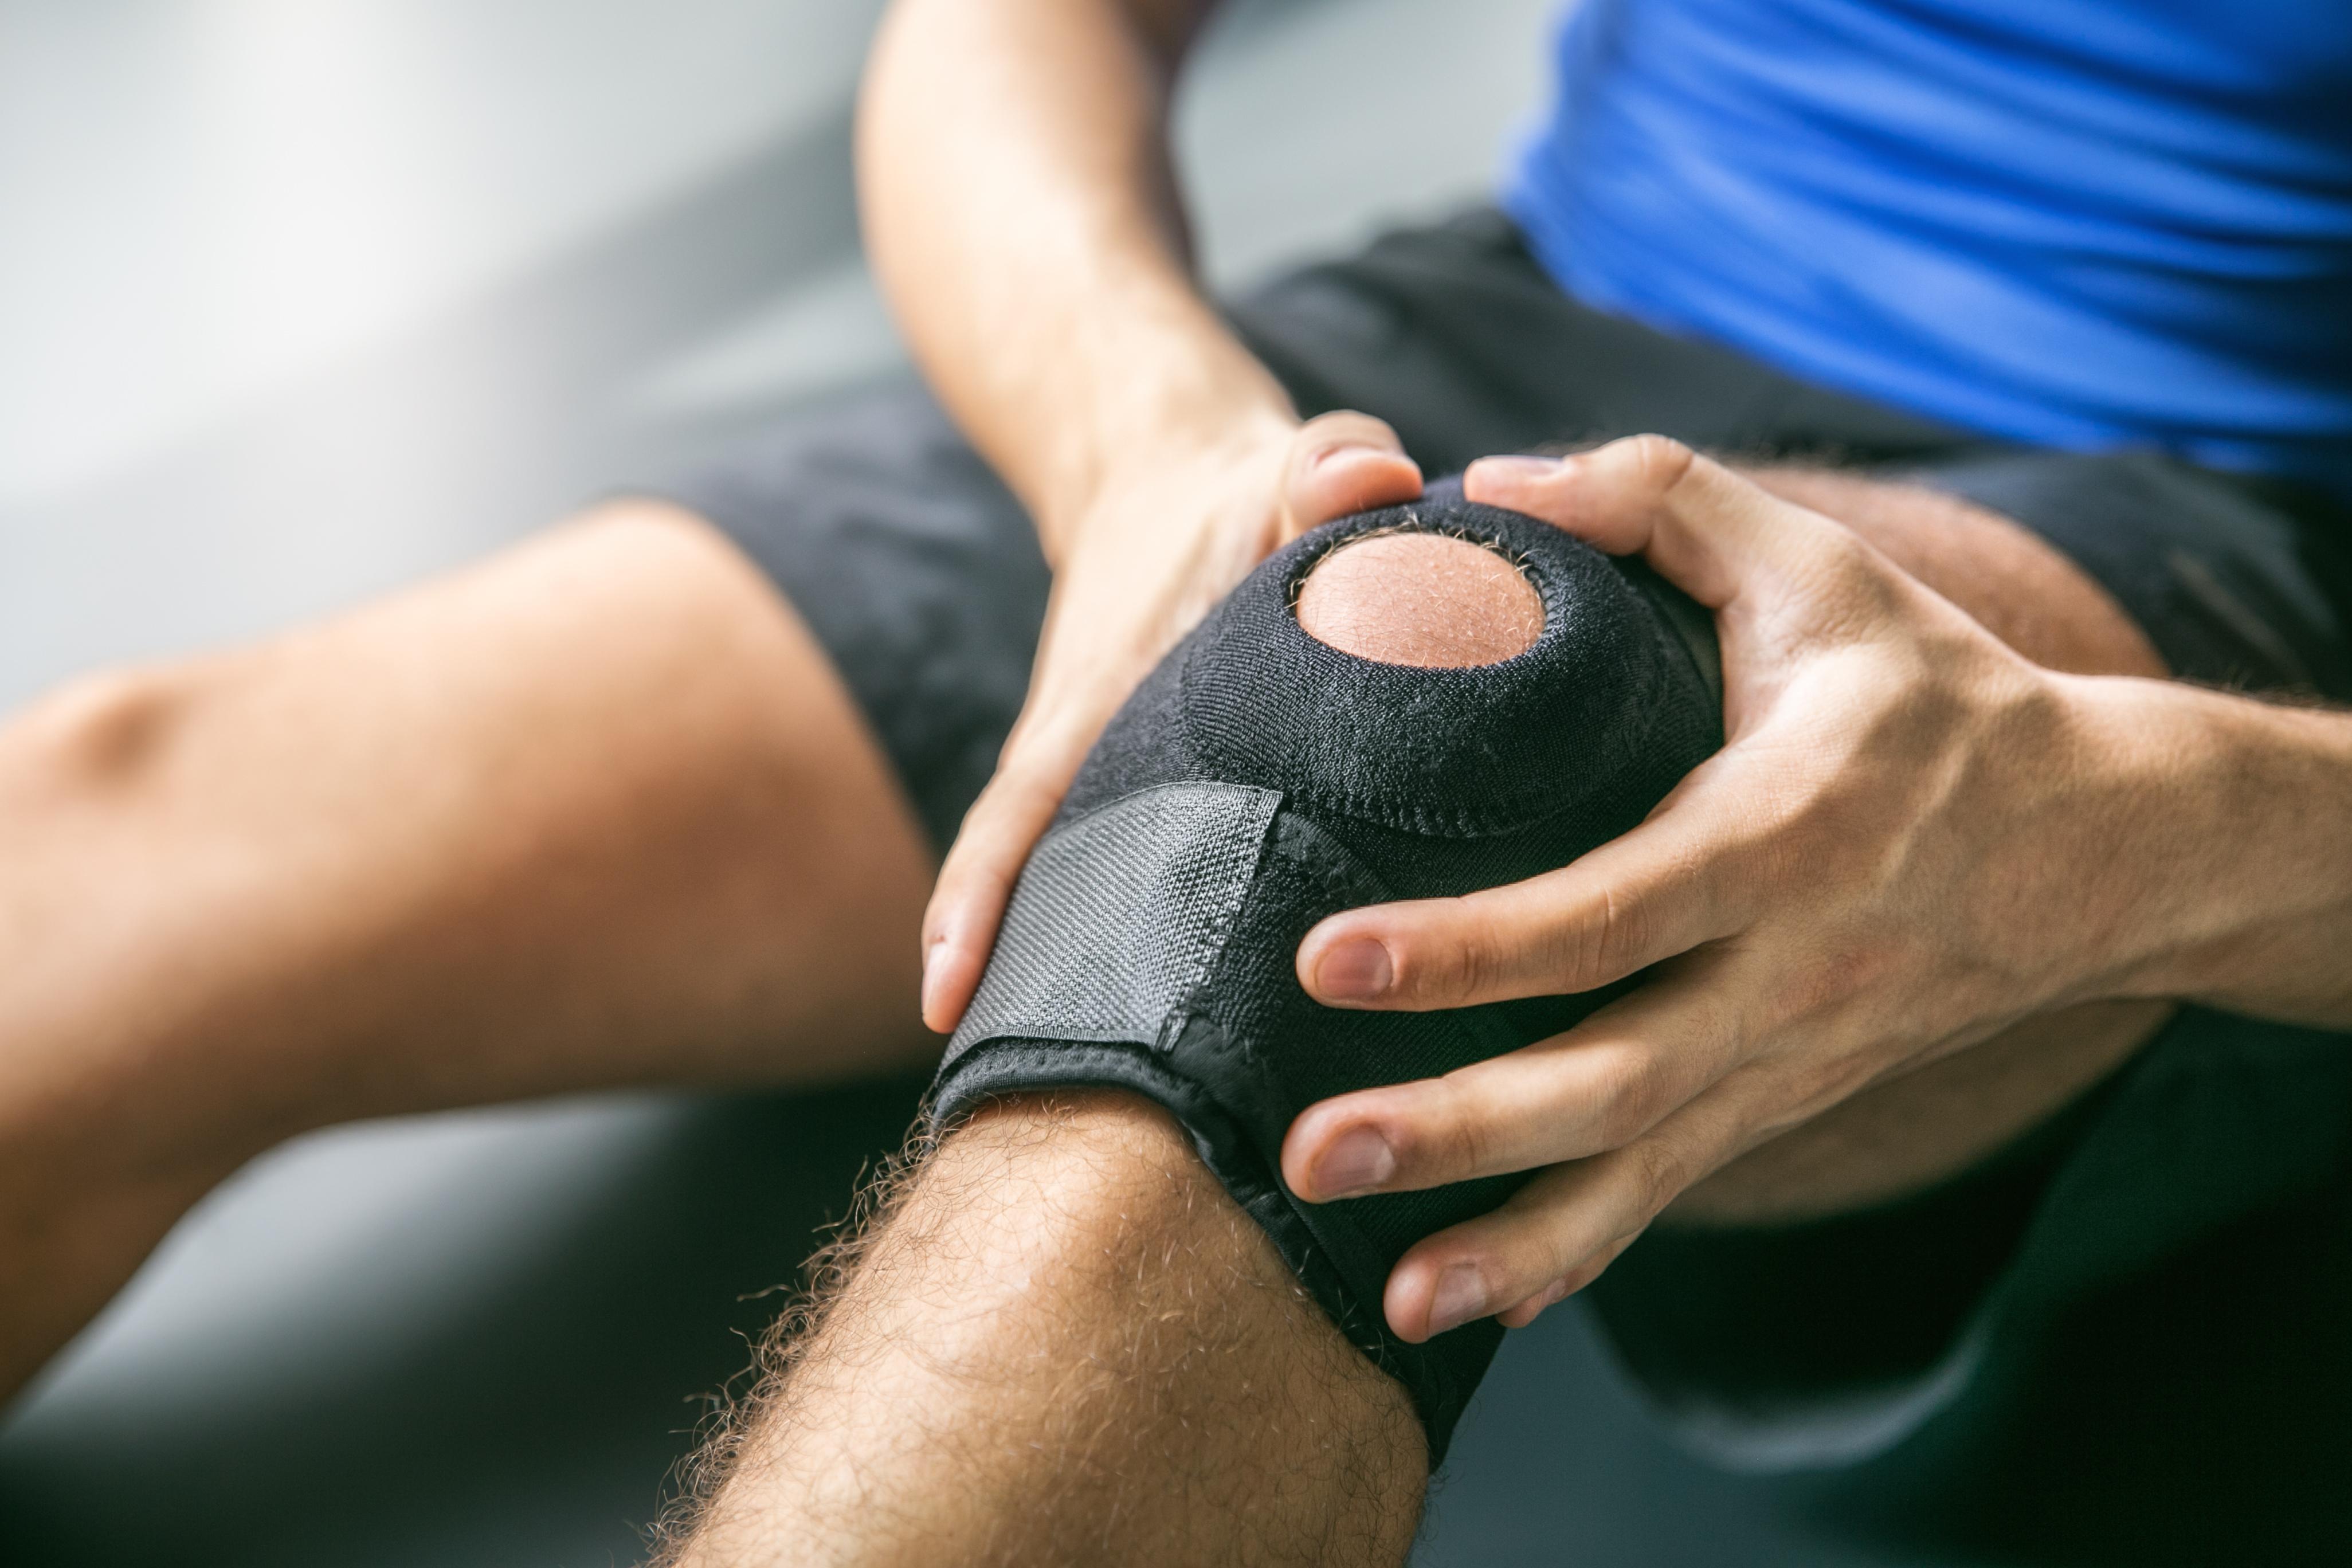 Як захистити себе від виникнення травм у спорті